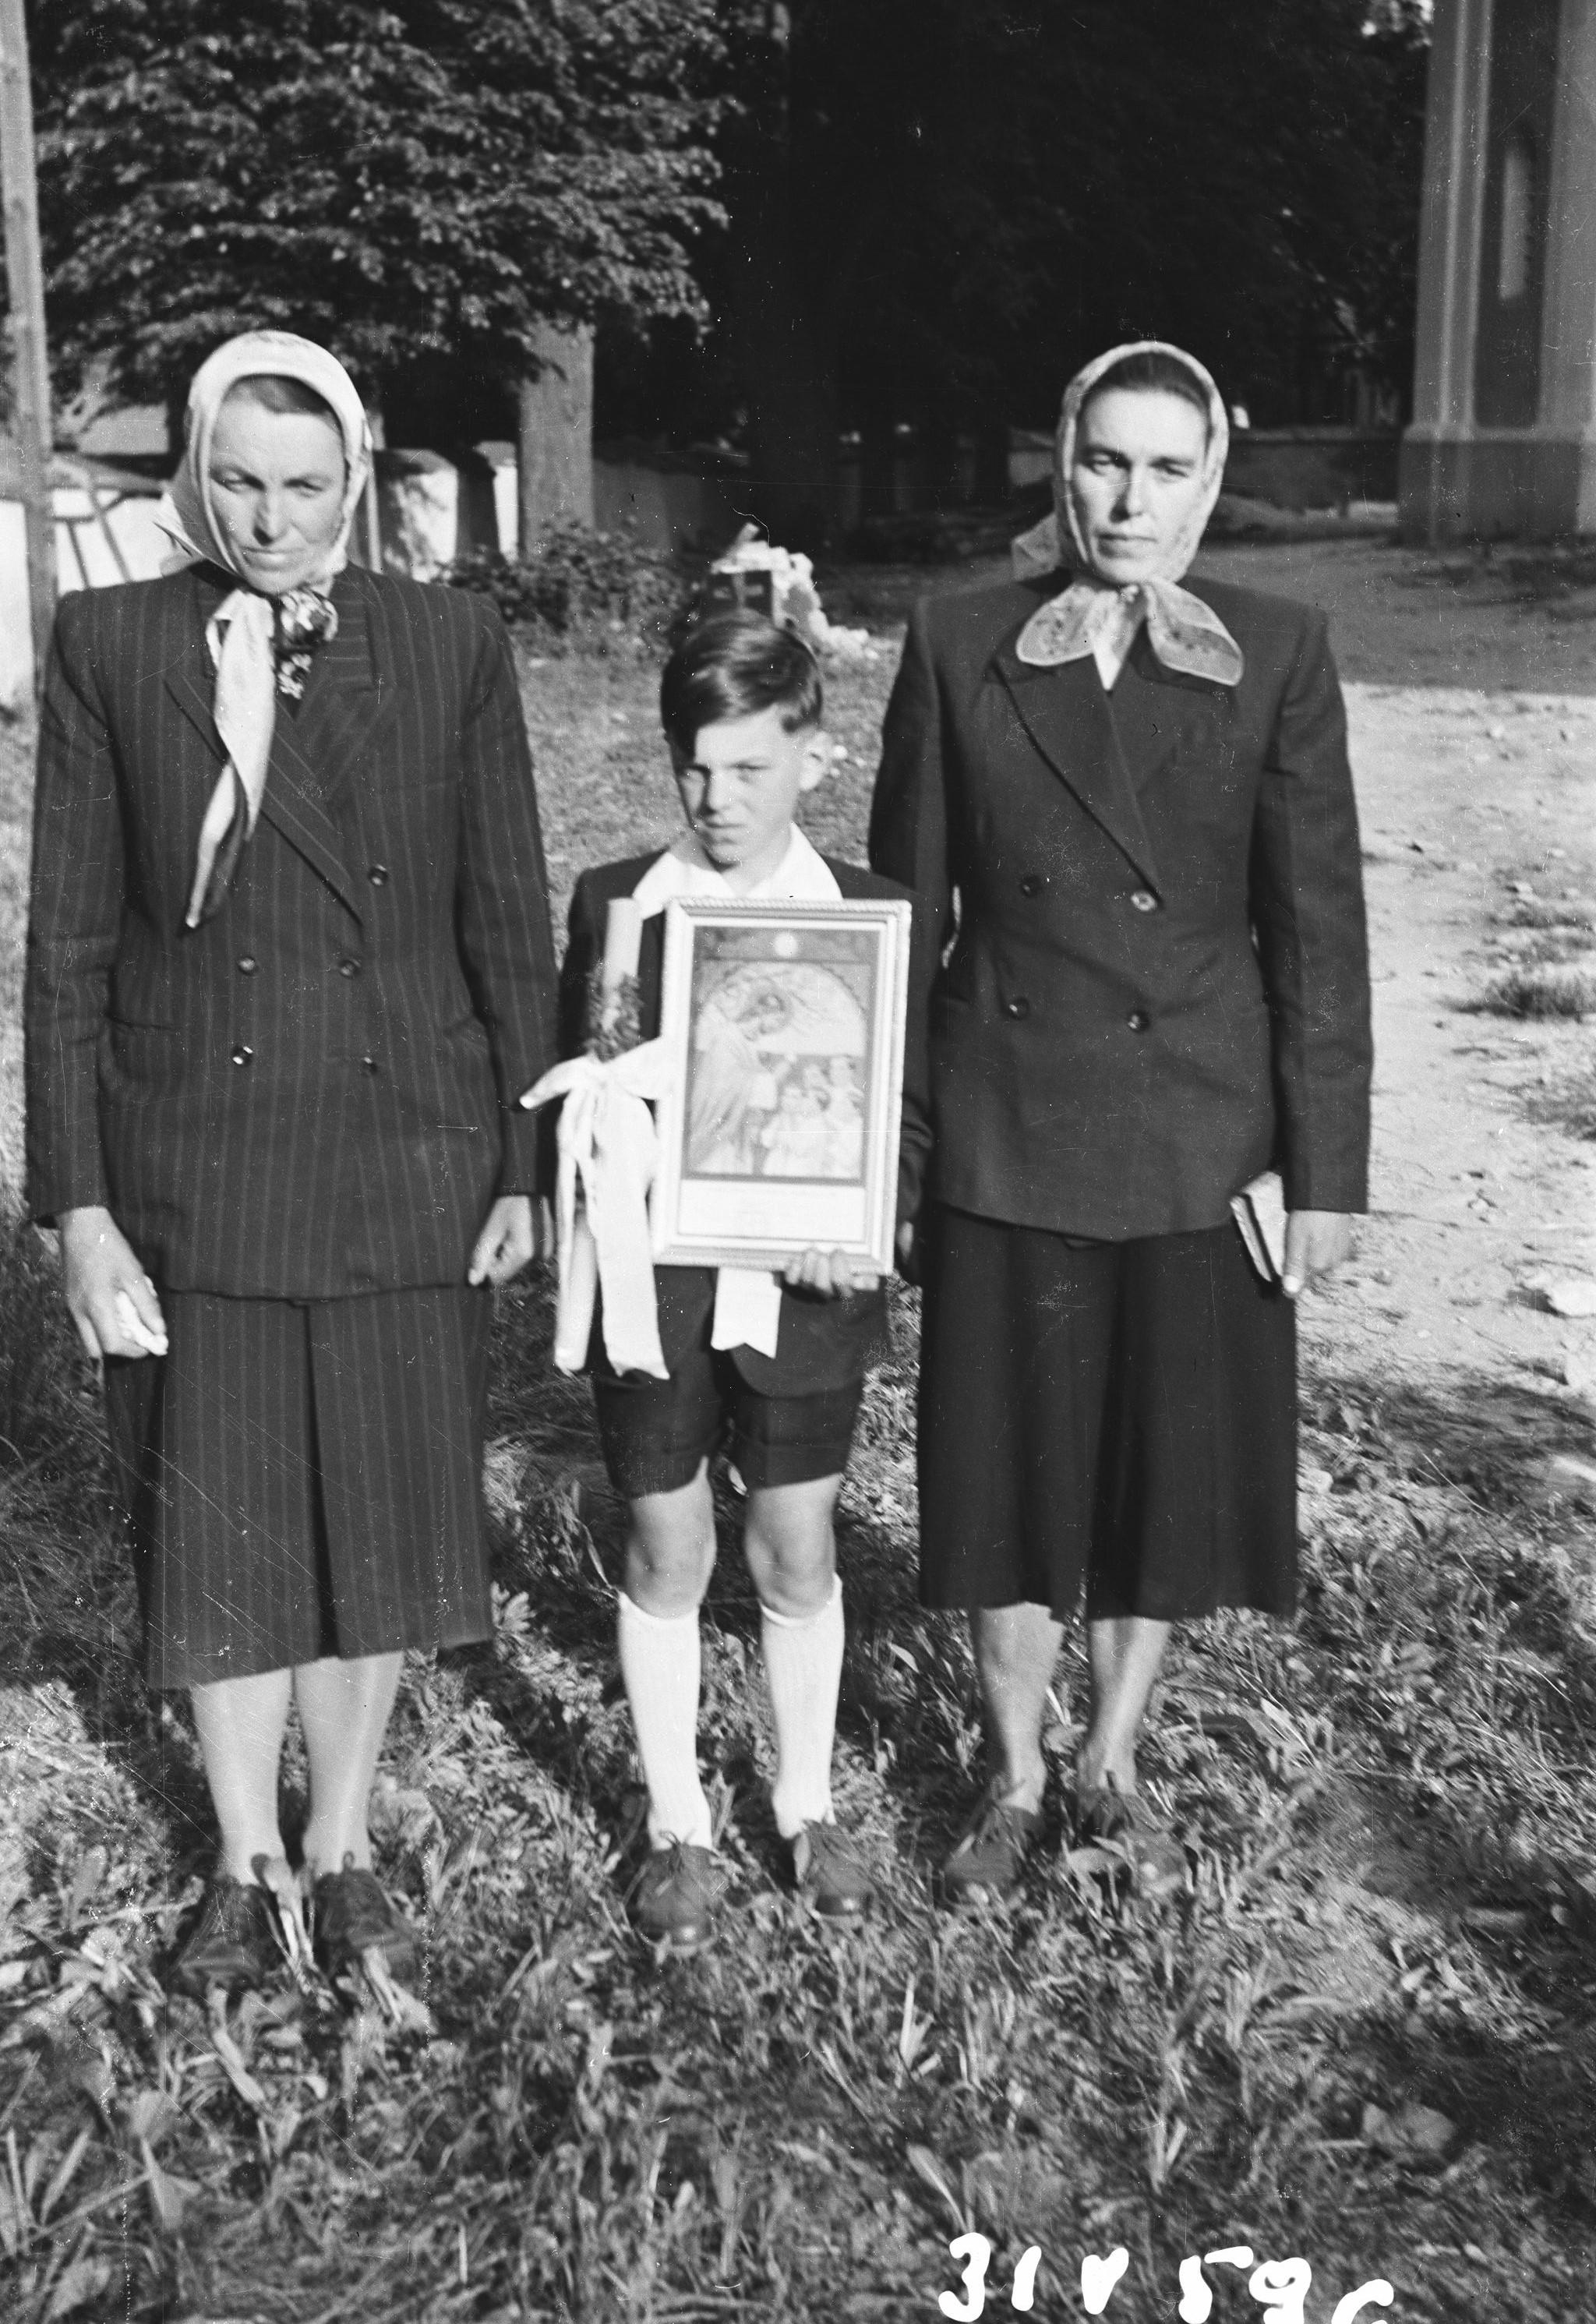 Pierwsza Komunia Święta, Dolny Śląsk, 31 V 1959 r.